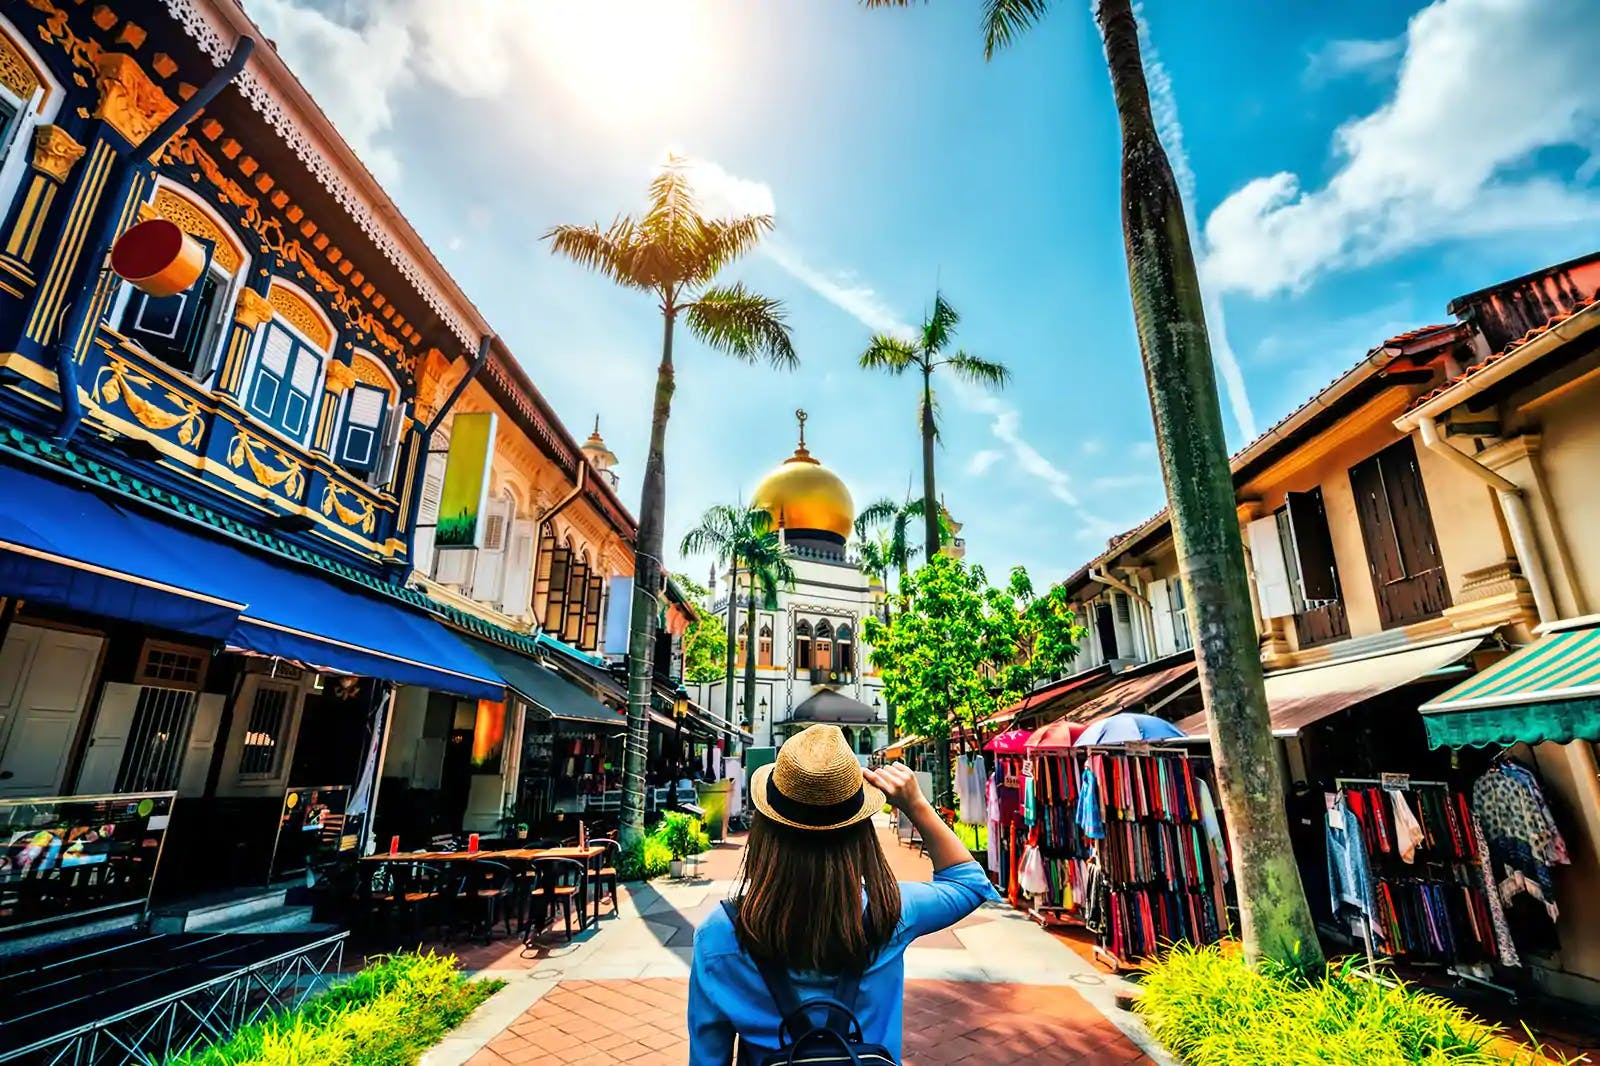 The vibrant Kapong Glam at Arab Street